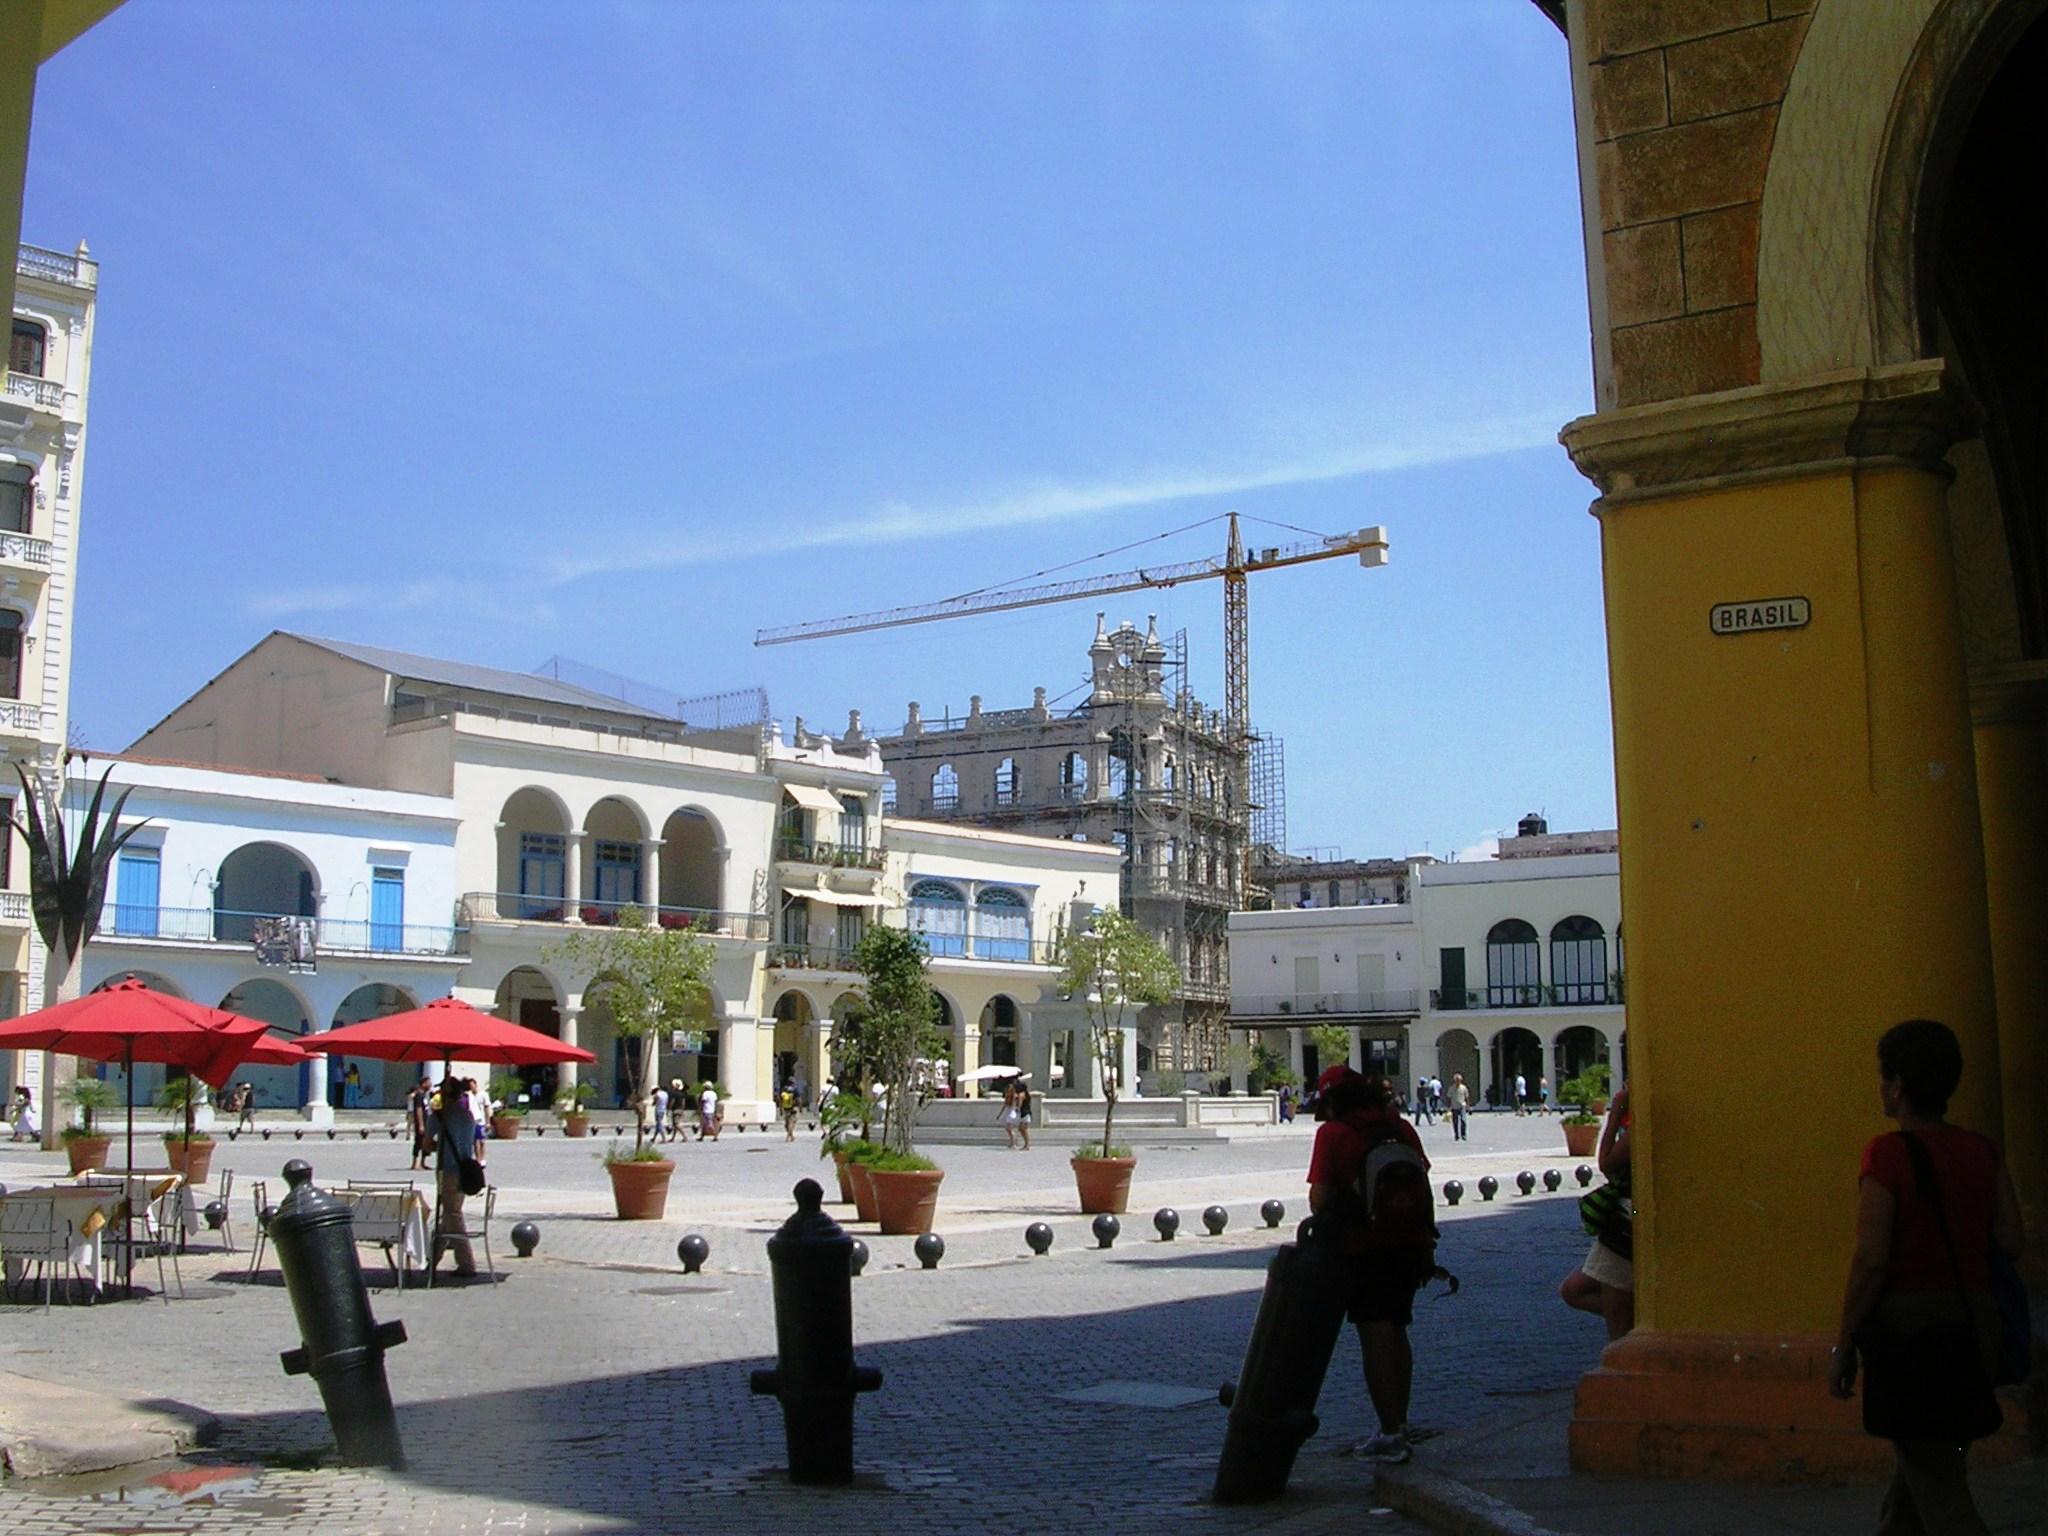 Cuba Apr 2012 026